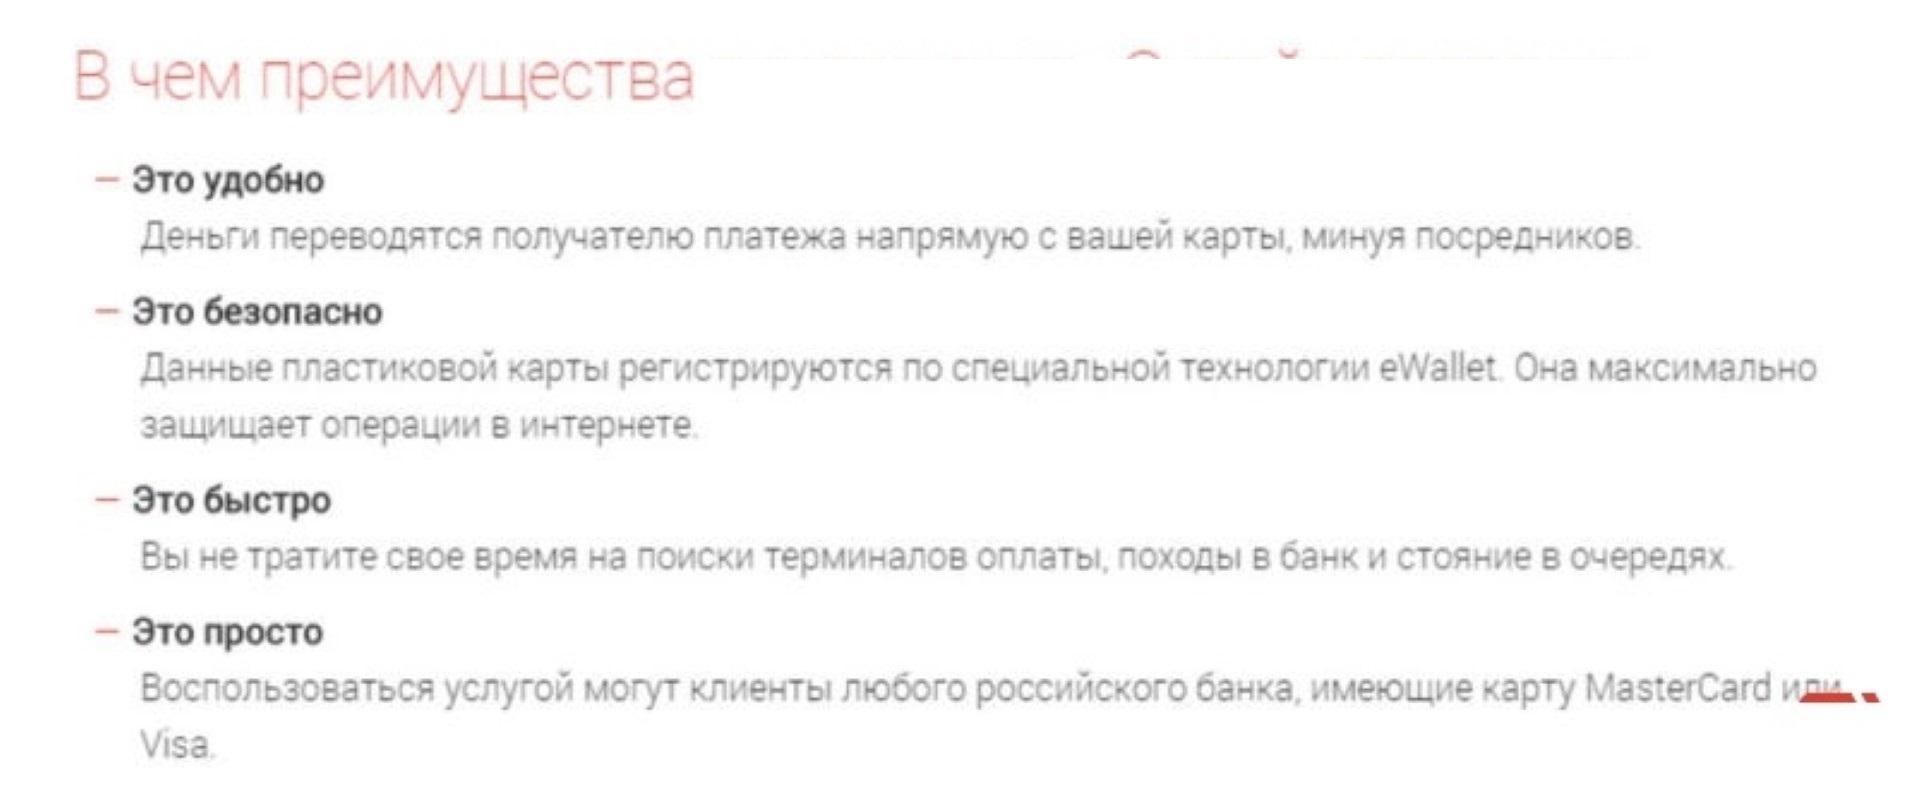 Потребительский кредит - БИНБАНК